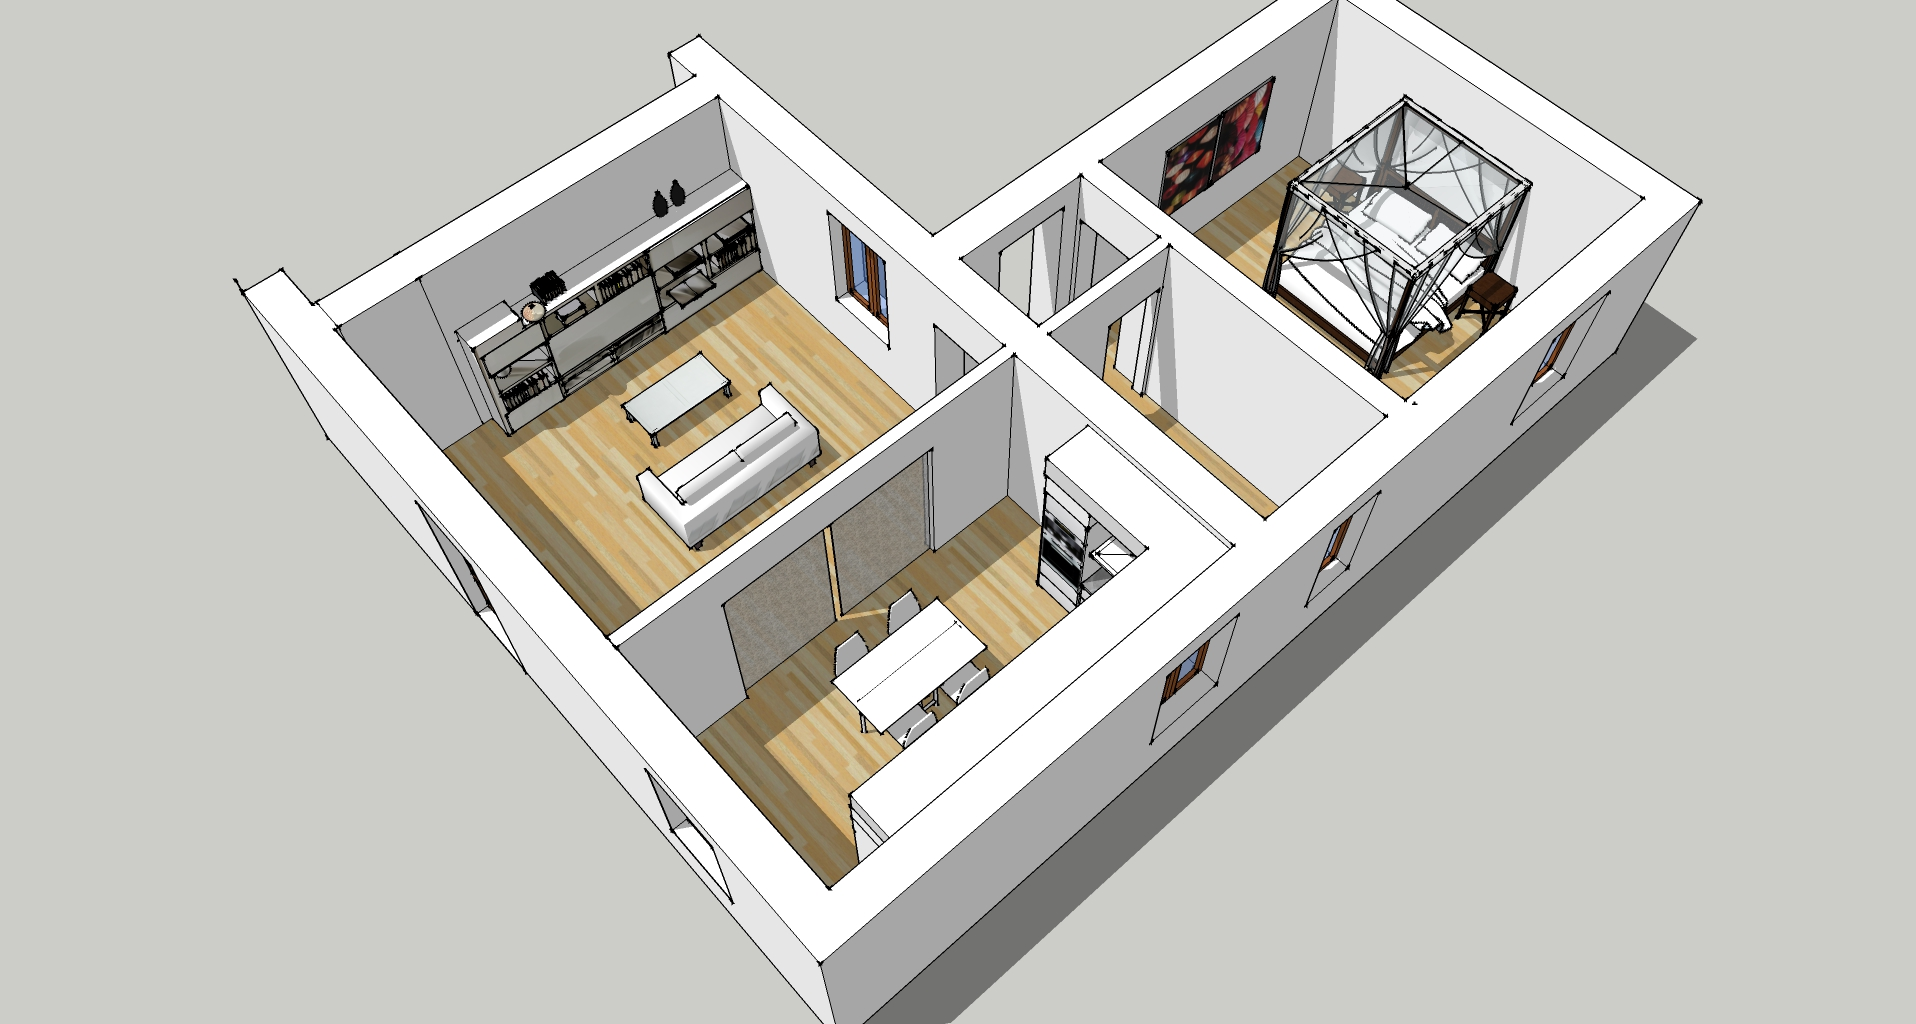 Ristrutturazione interna di appartamento in casa padronale – Montegrosso d'Asti (AT)